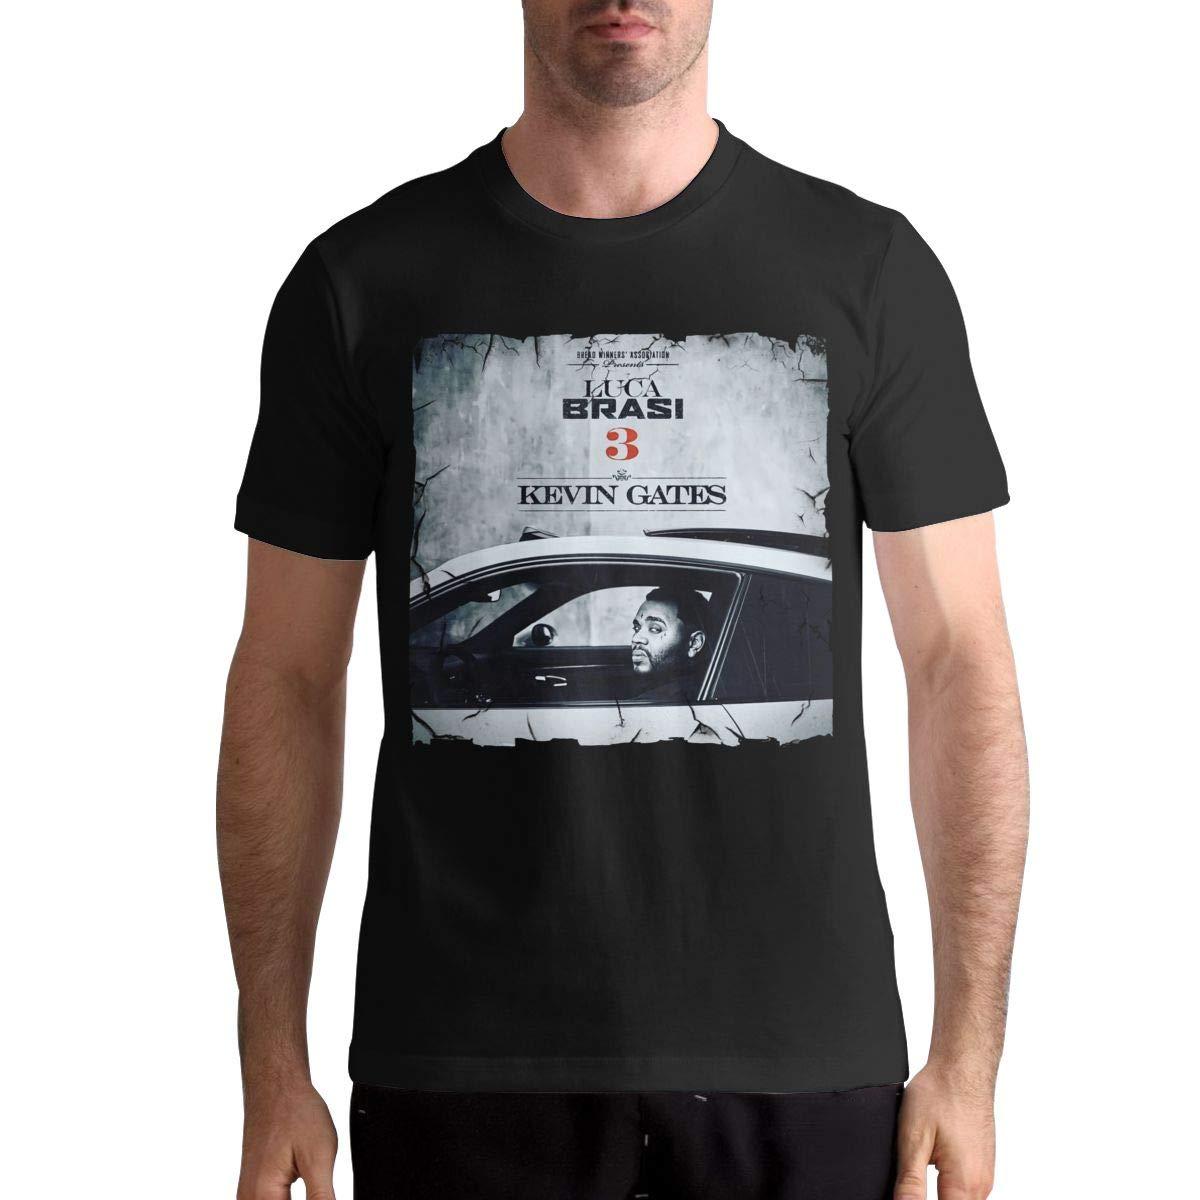 Amazon com: Man's Kevin Gates Luca Brasi 3 Loose Summer T